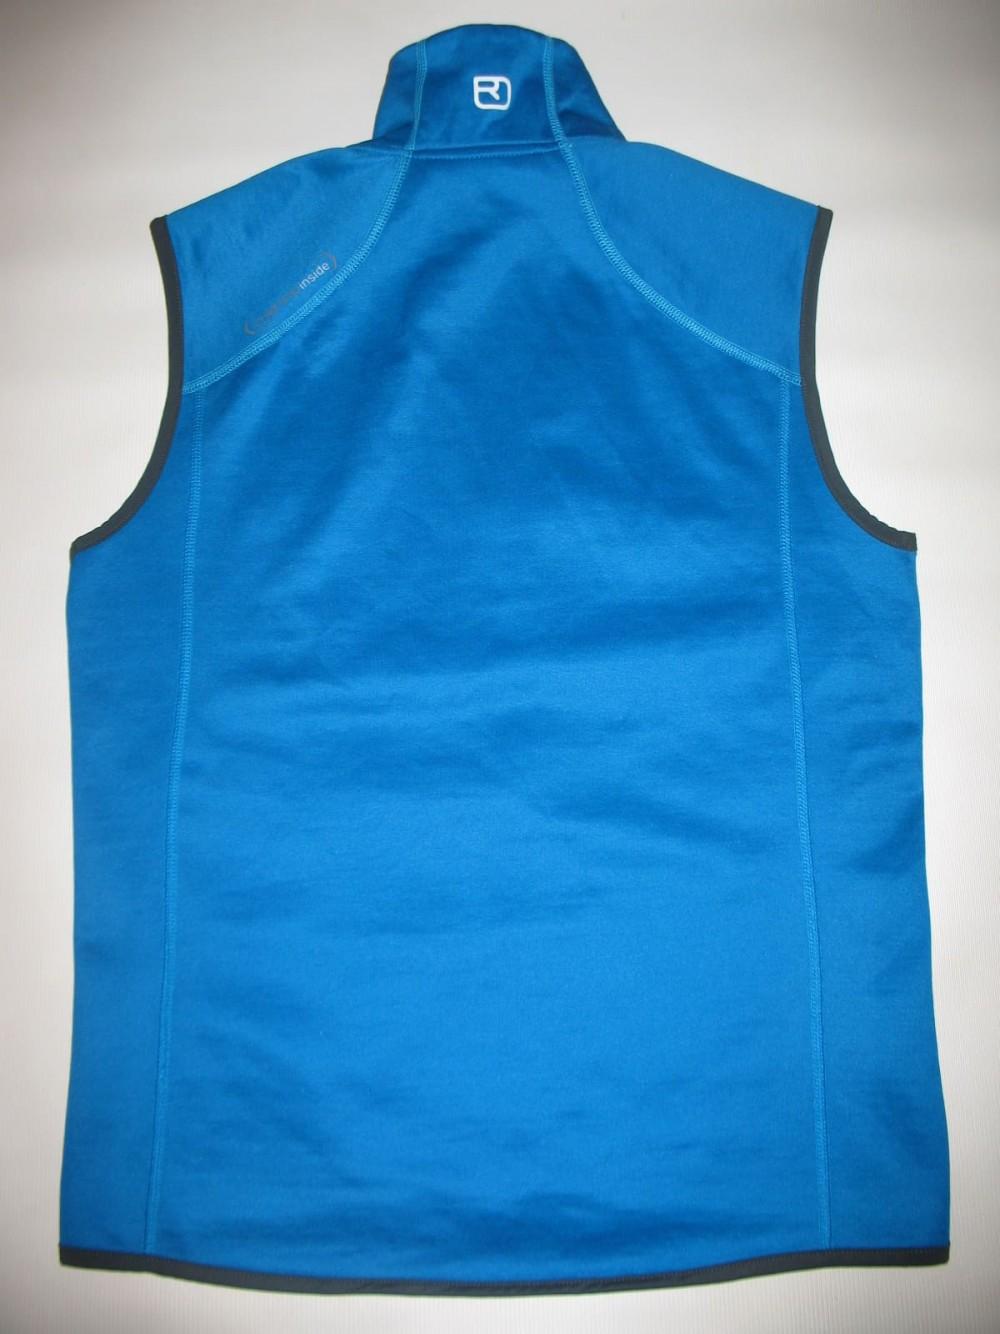 Жилет ORTOVOX merino fleece vest (размер S) - 3